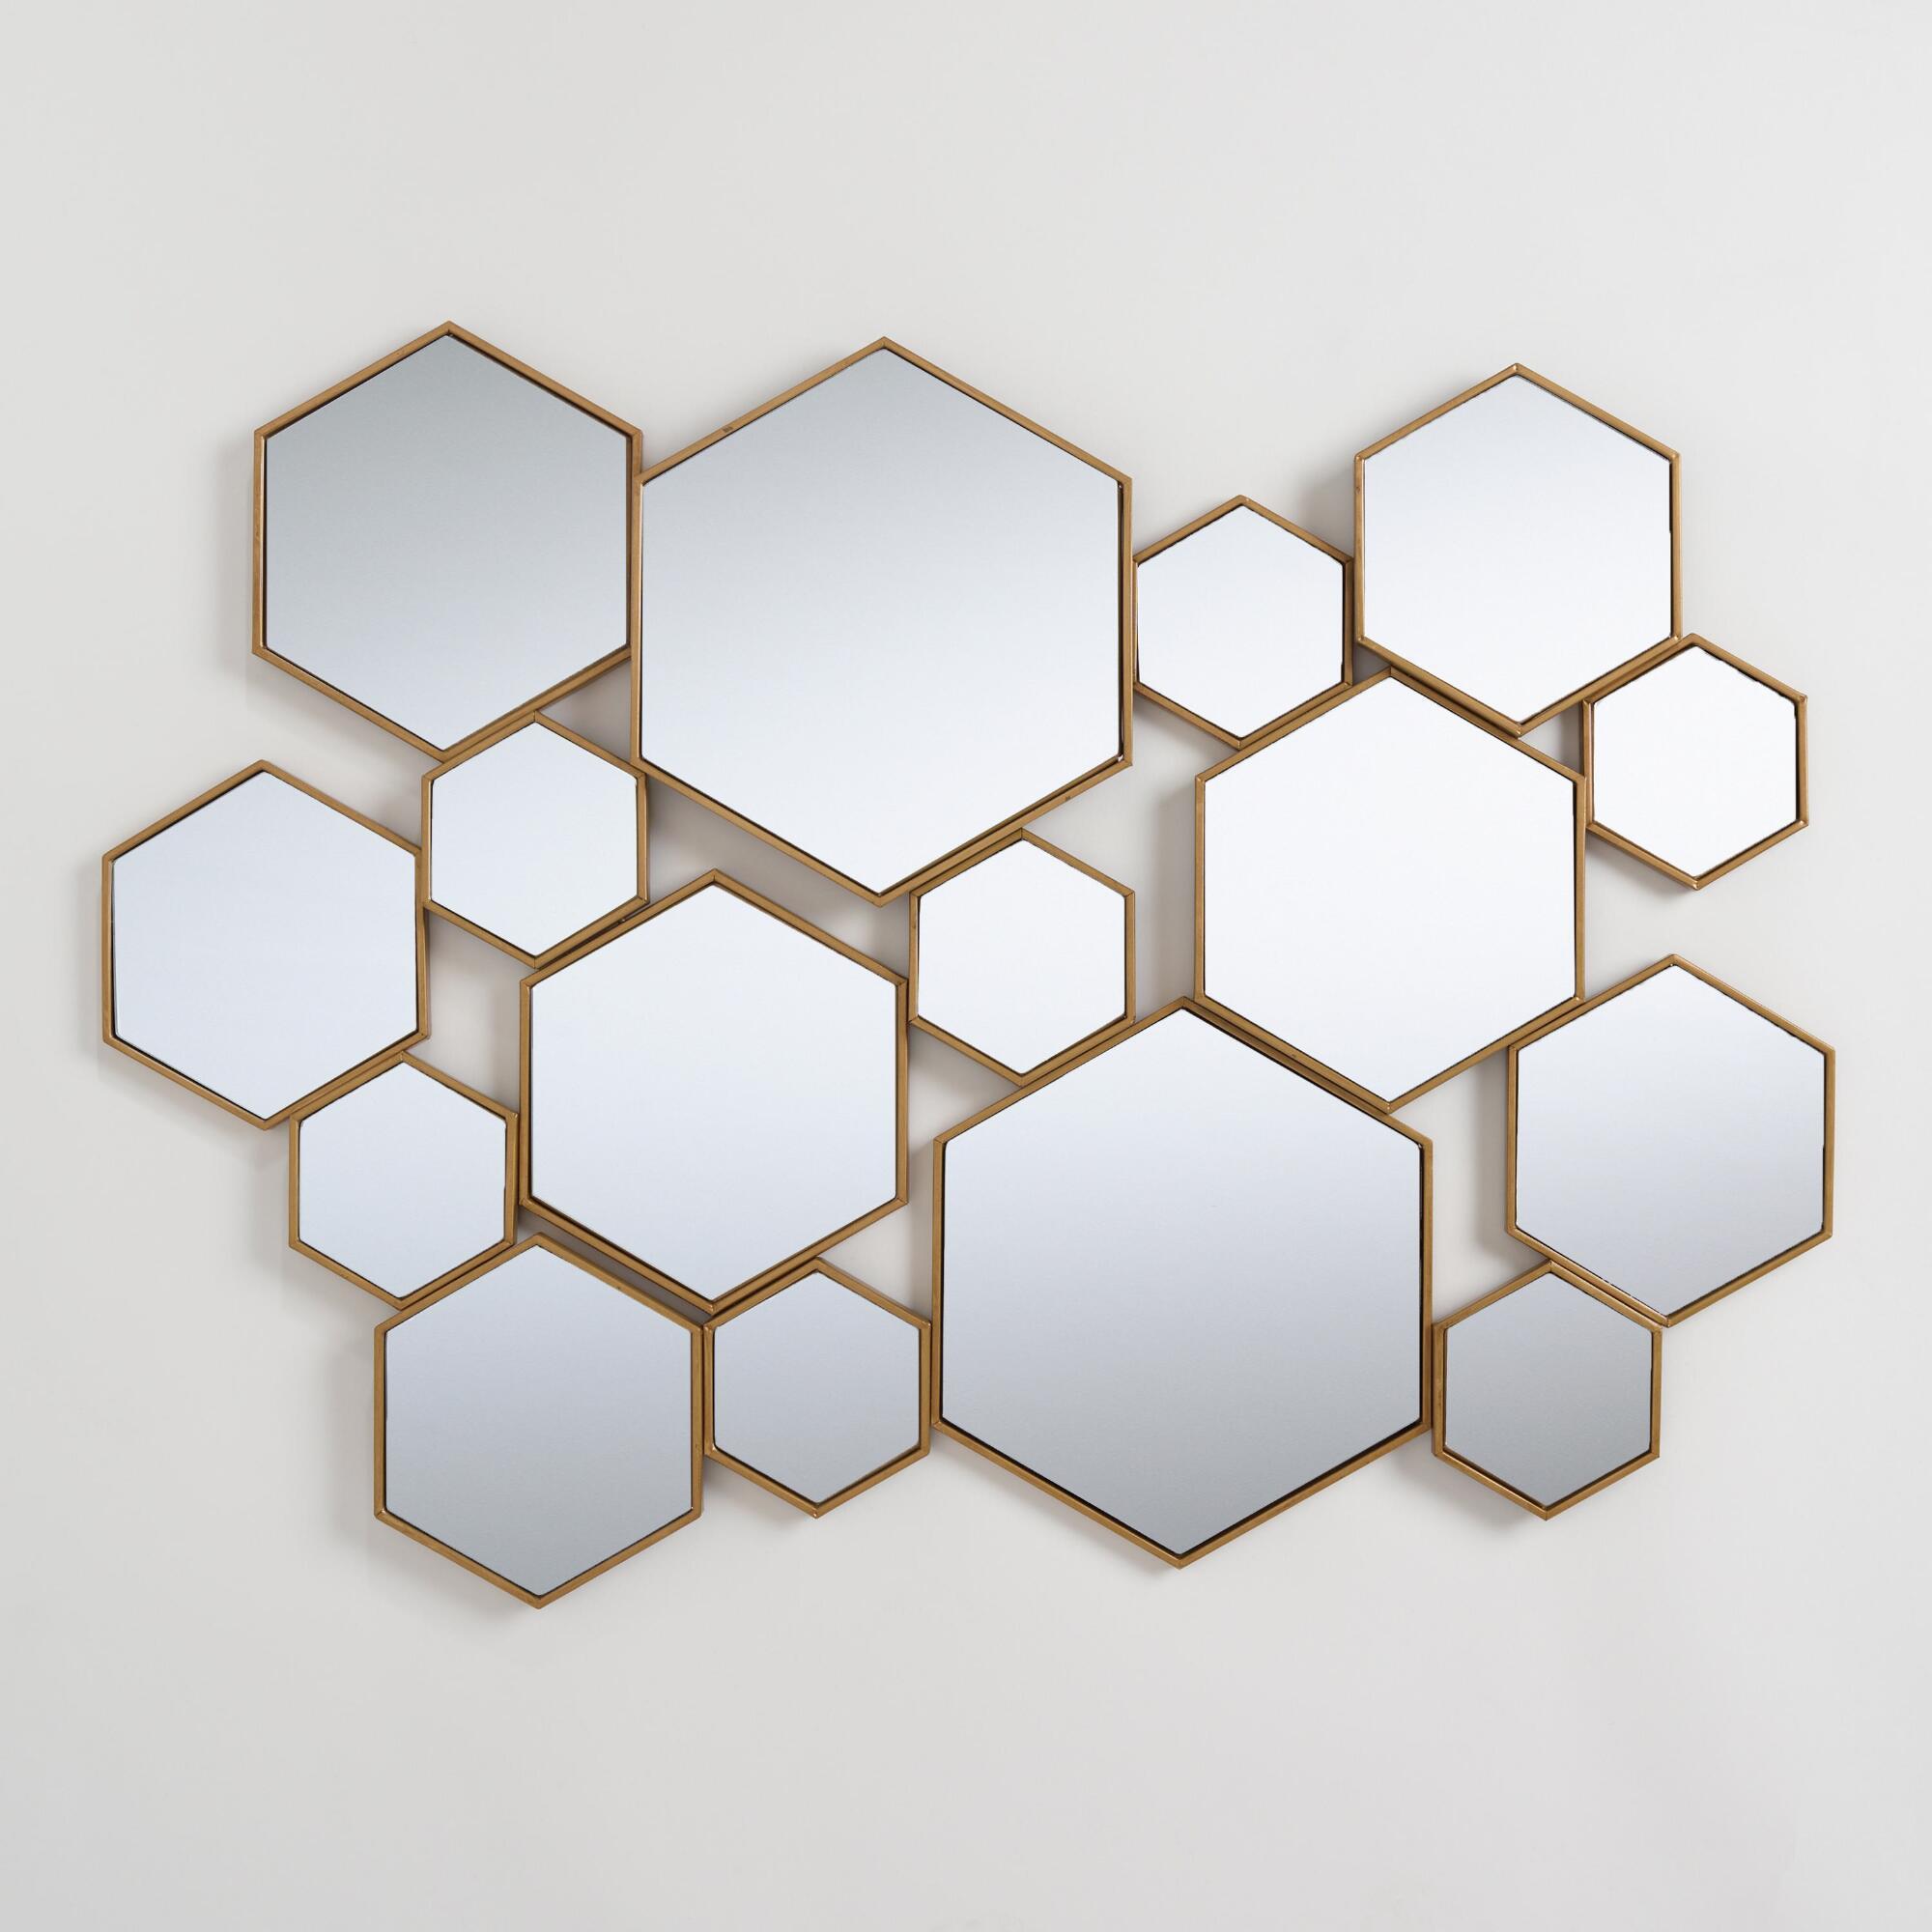 Brass Metal Hexagon Mirror Panel: Metallic/goldworld Within Gia Hexagon Accent Mirrors (Image 3 of 20)